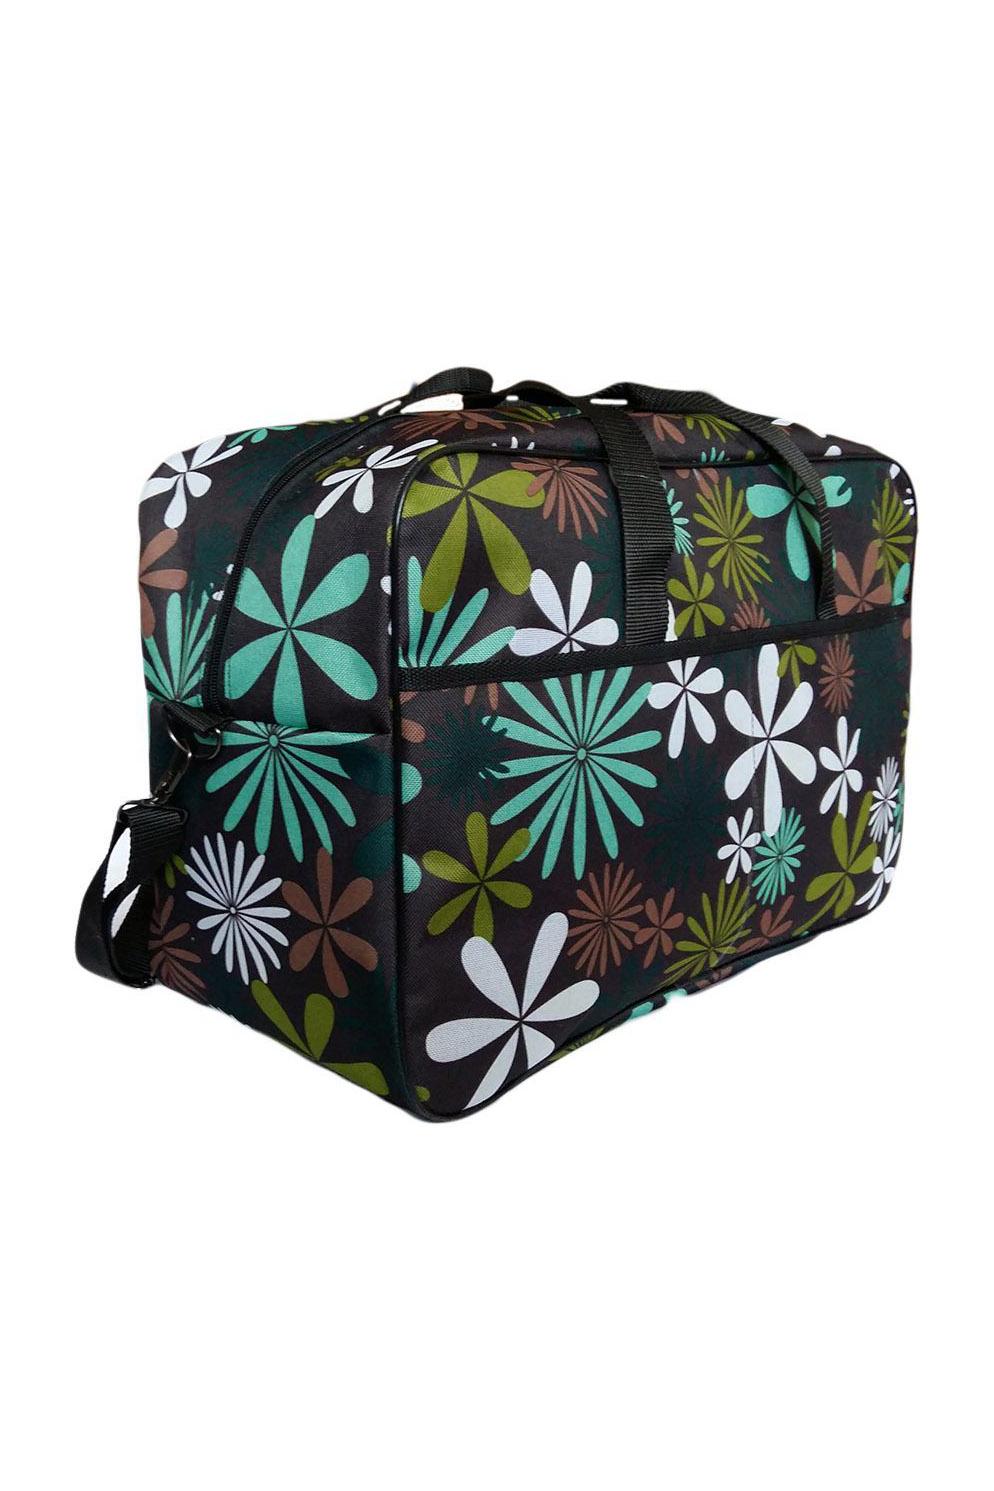 Дорожная сумкаДорожные<br>Удобная и вместительная дорожная сумка.Размеры: 46*19*29 см.В изделии использованы цвета: черный и др.<br><br>По способу ношения: В руках<br>По степени жесткости: Мягкие<br>Ручки: Короткие<br>Материал: Тканевые<br>Размер: Средние<br>Рисунок: С принтом,Цветные<br>Форма: Прямоугольные<br>Сезон: Всесезон<br>Размер : UNI<br>Материал: Полиэстер<br>Количество в наличии: 1